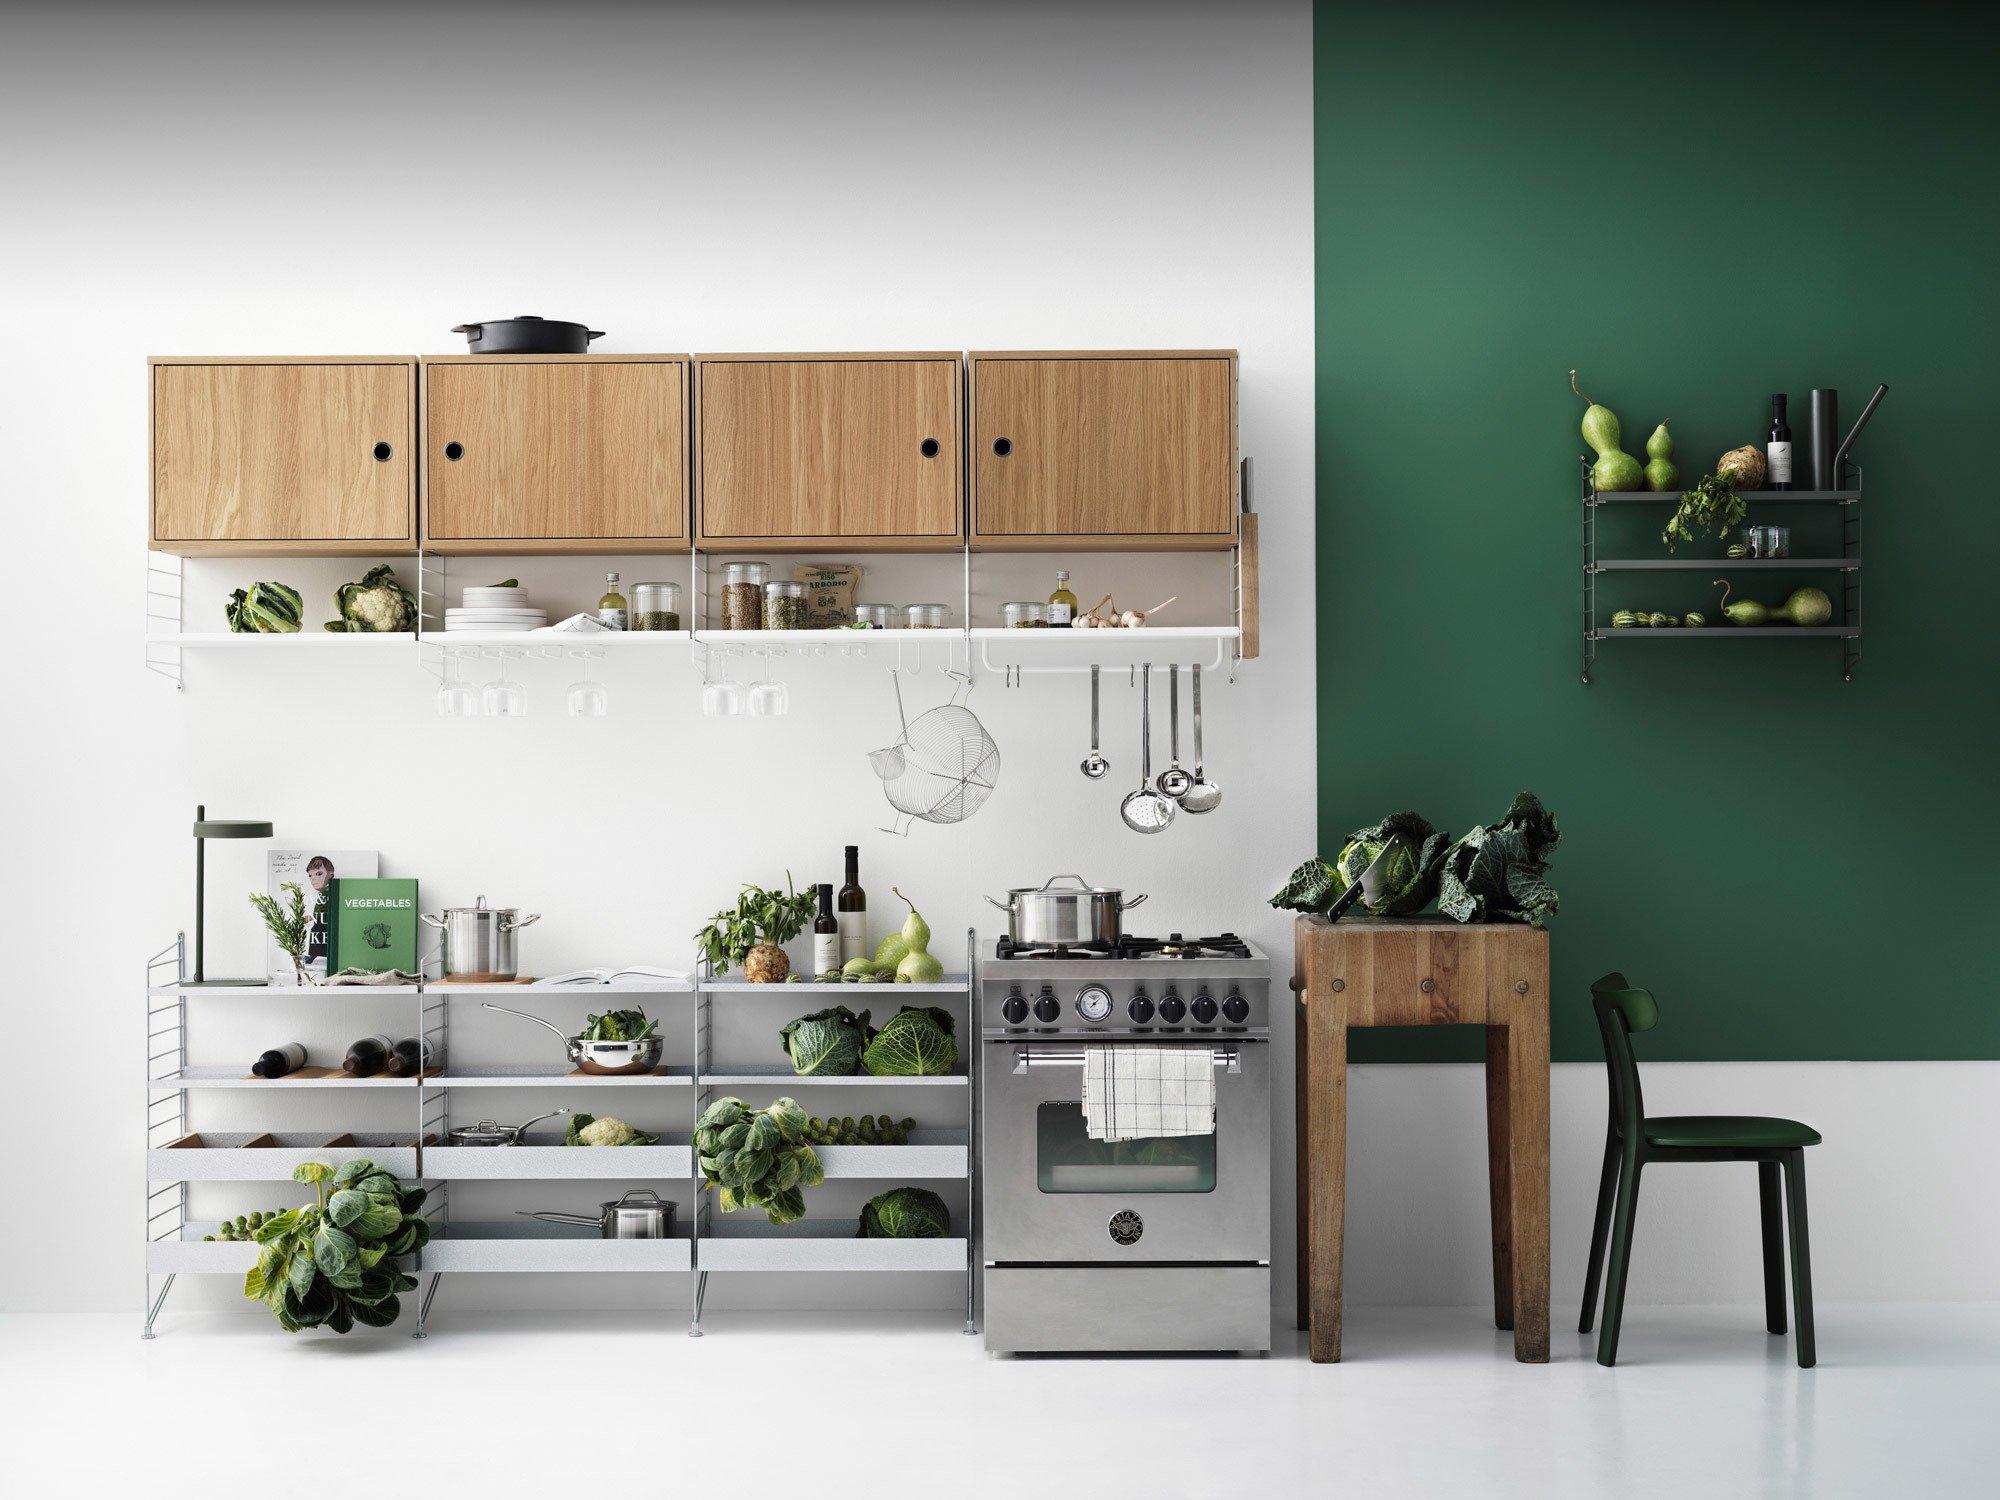 Trend #1: Die Küche als WohnraumSelbst das String-Regal wird jetzt küchentauglich. Foto/Copyright: String